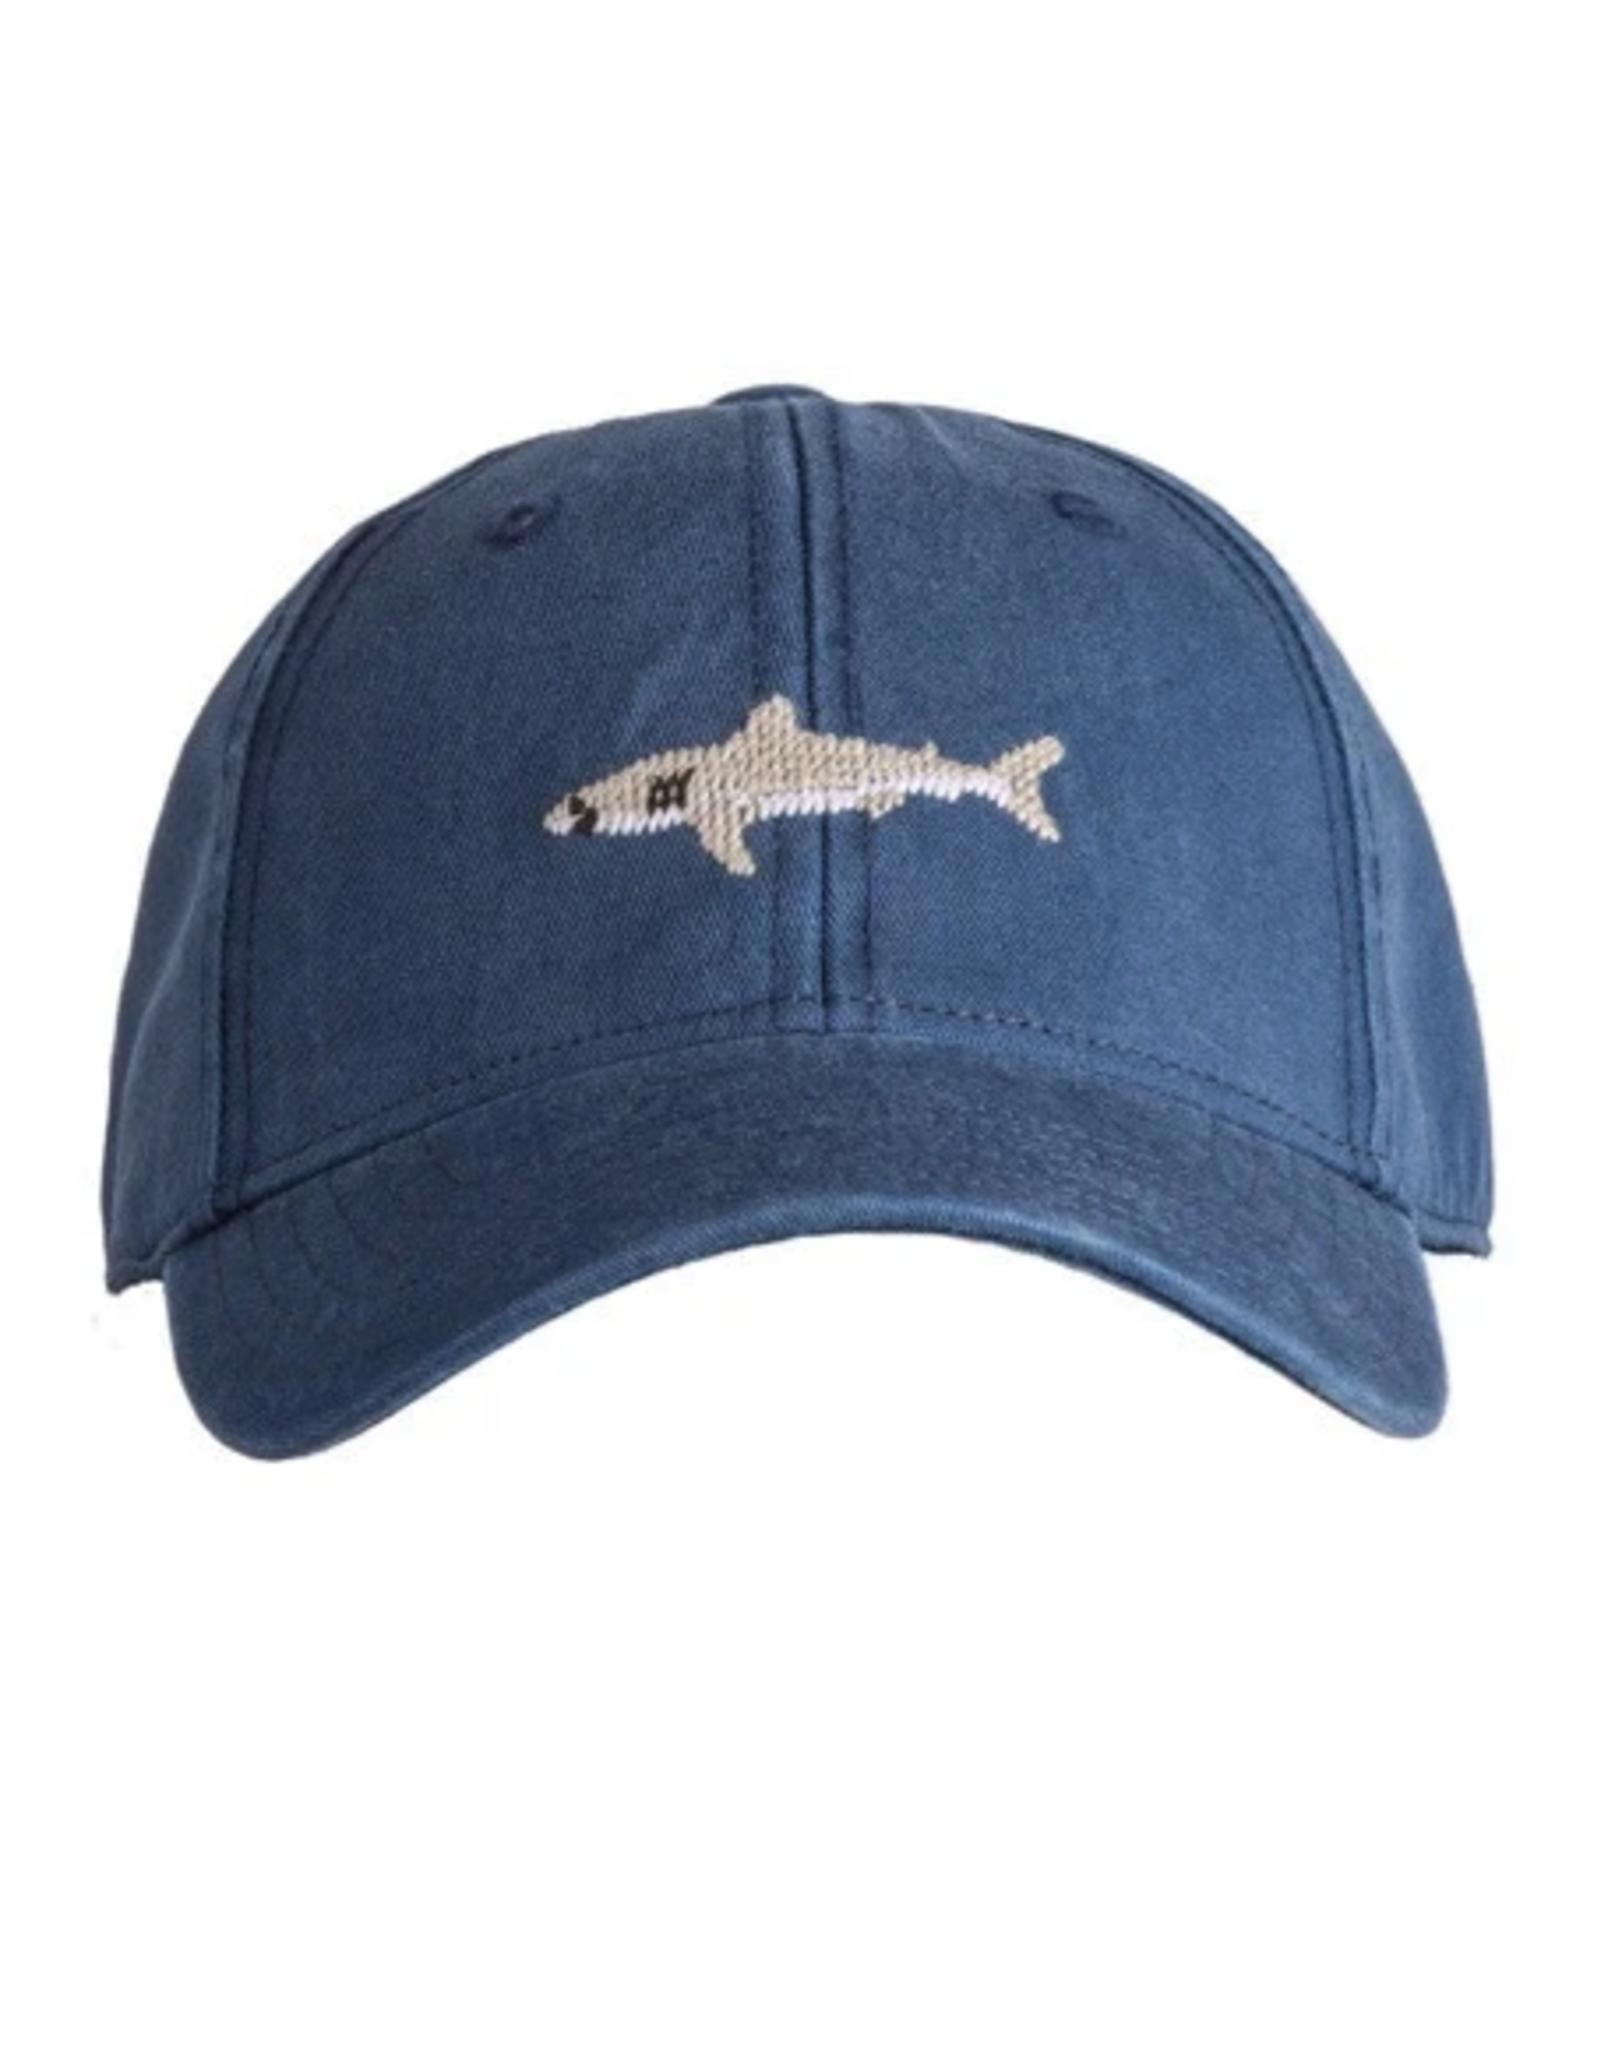 Harding Lane Harding Lane - Great White Shark on Navy Kids Hat